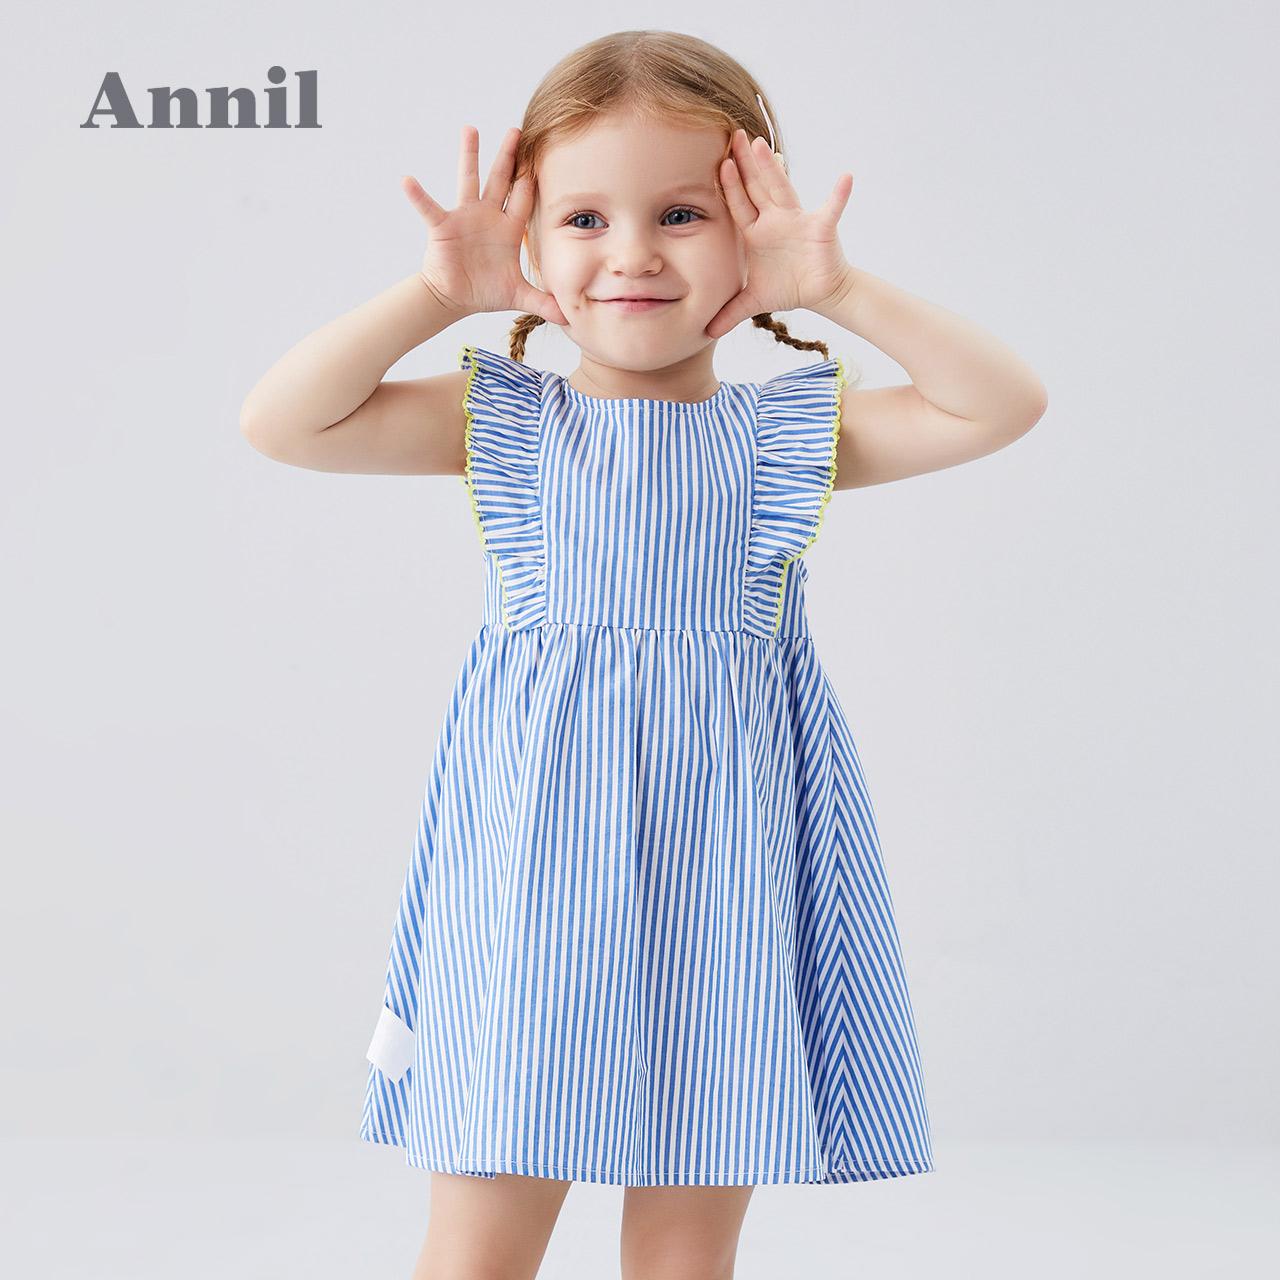 安奈儿童装小女童纯棉无袖连衣裙2020夏装新款薄款荷叶边背心裙子主图